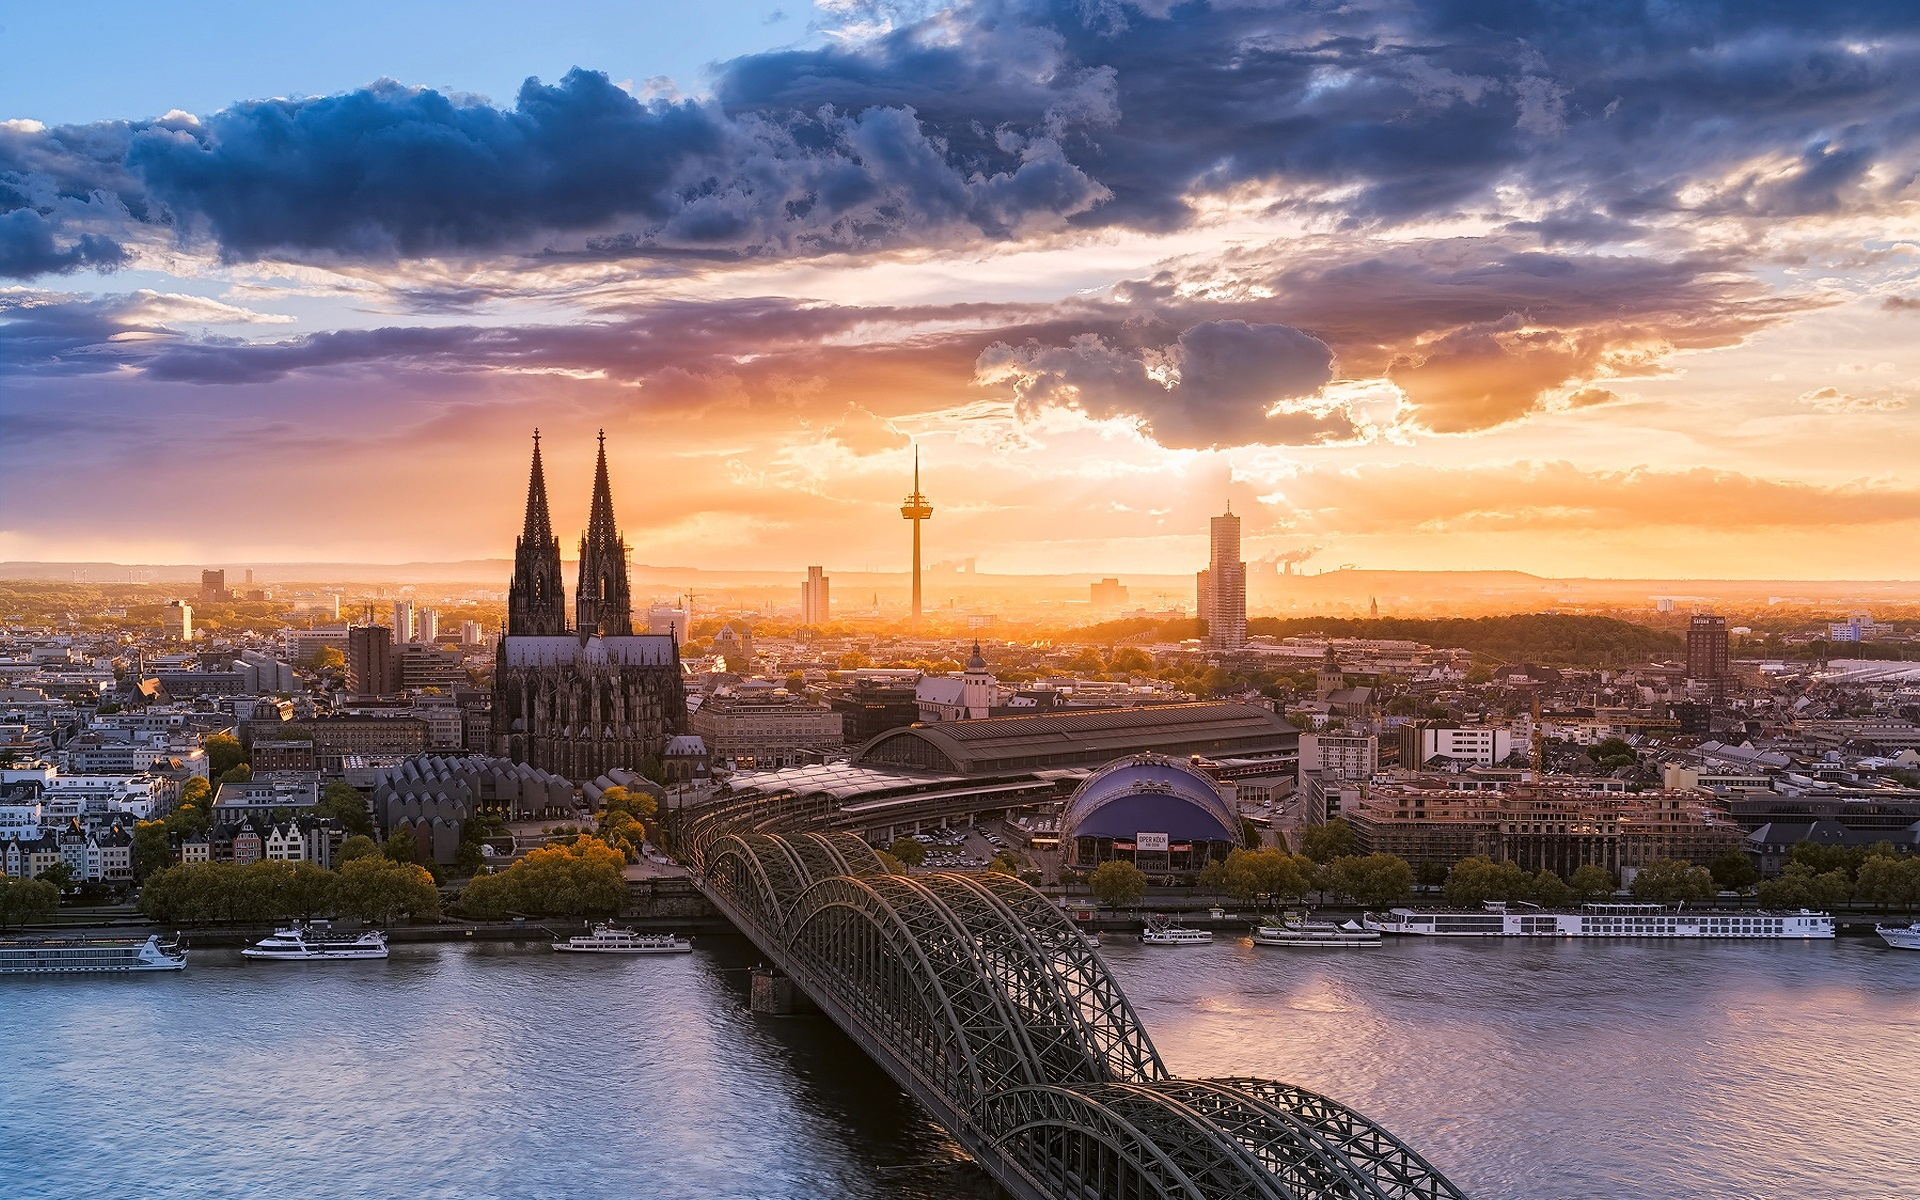 Обои красиво, германия. Города foto 10